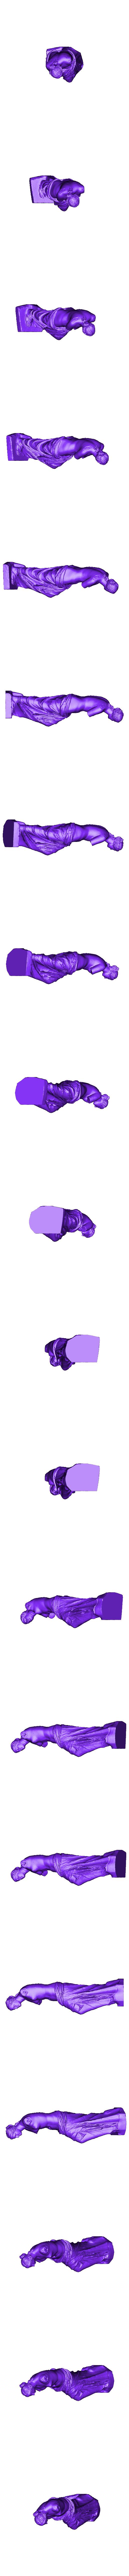 20131208_VenusDeMilo_decimated_and_scaled_down_captured_by_Cosmo_Wenman.stl Télécharger fichier OBJ gratuit Vénus de Milo • Modèle imprimable en 3D, Ghashgar